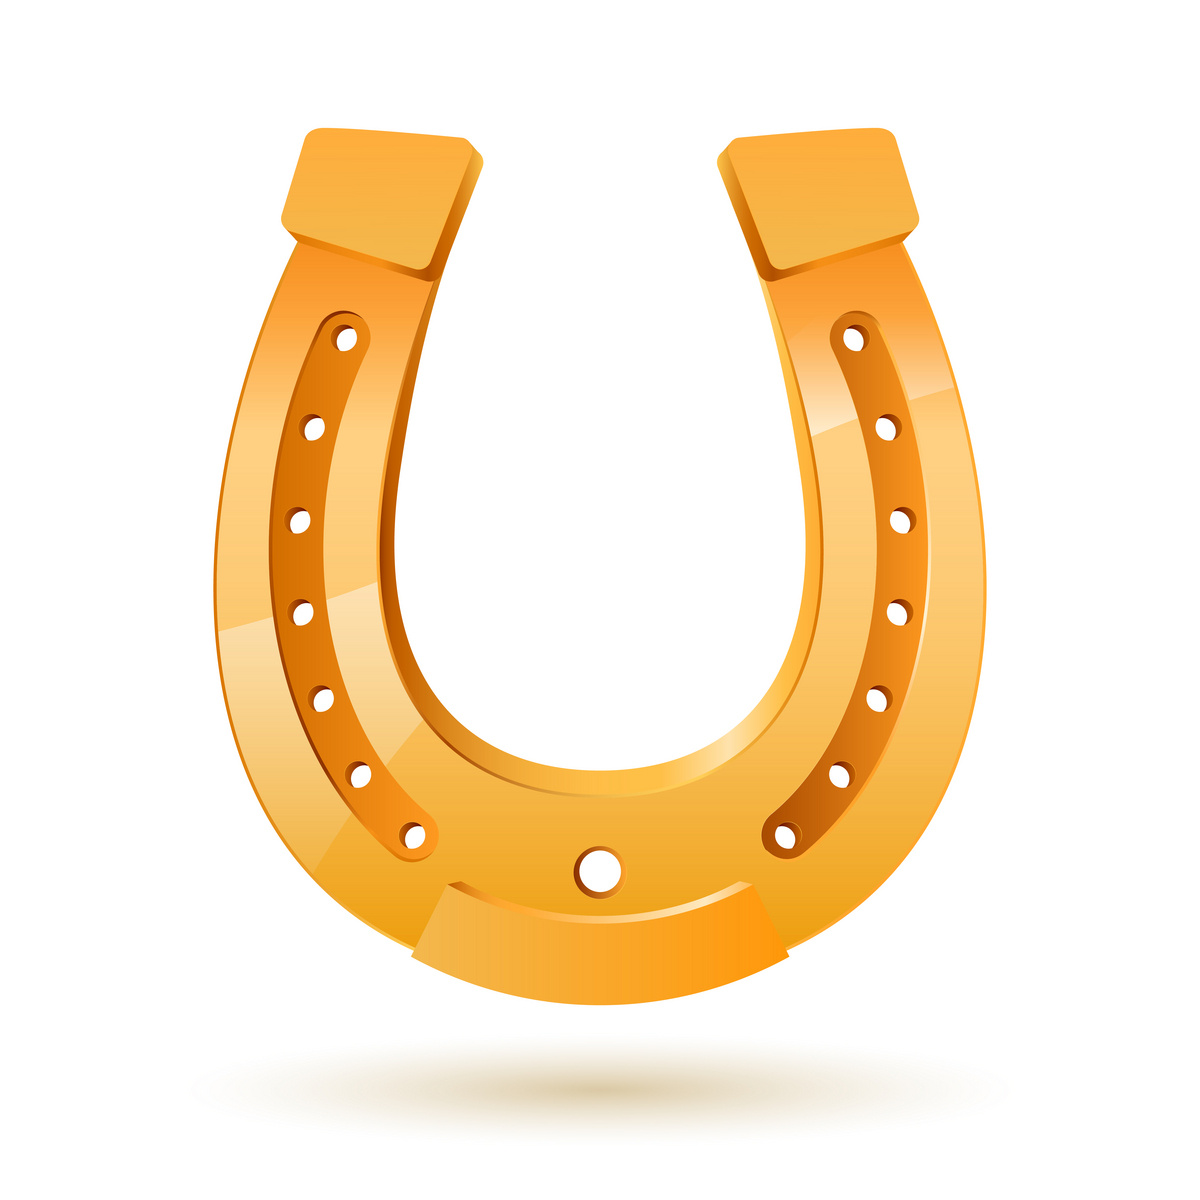 Free horseshoe clip art images 6